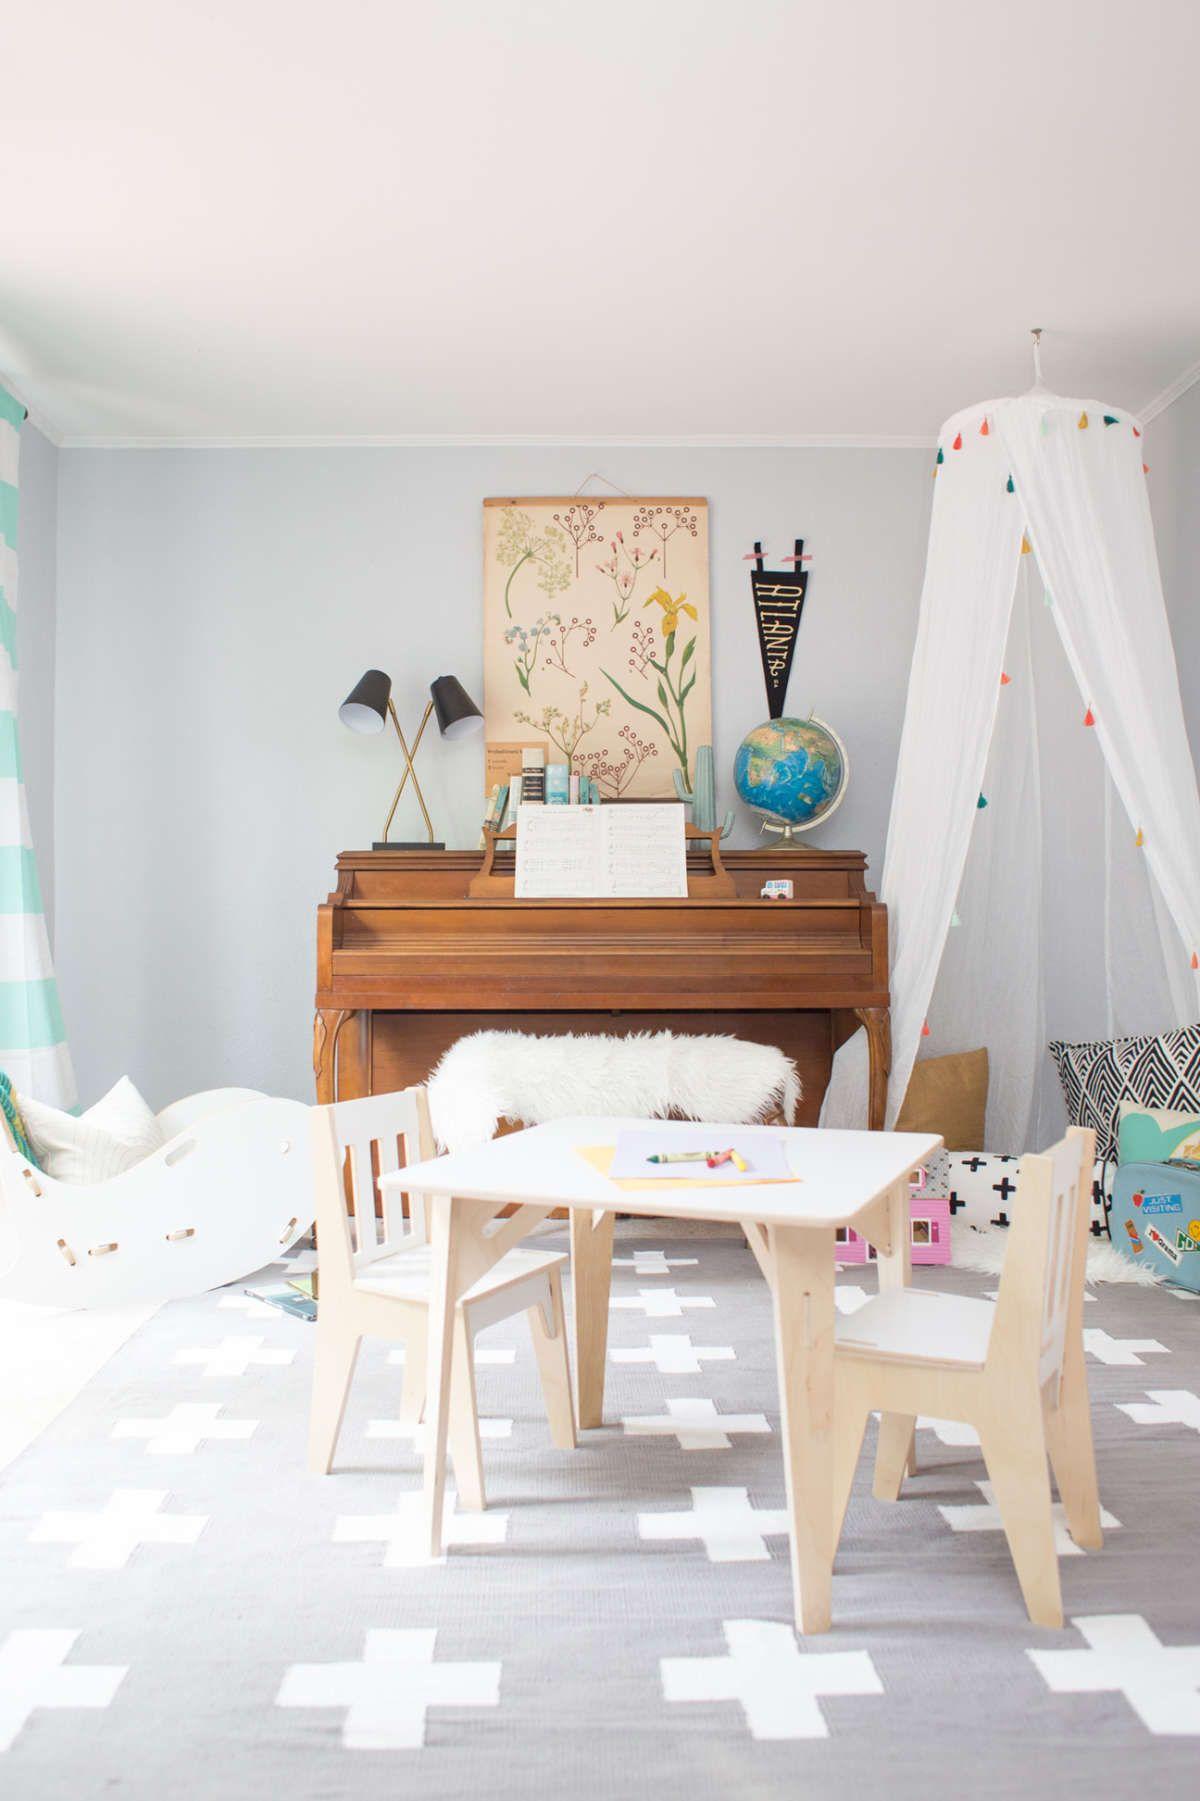 office playroom ideas. Neutral Shared Playroom Ideas Office G